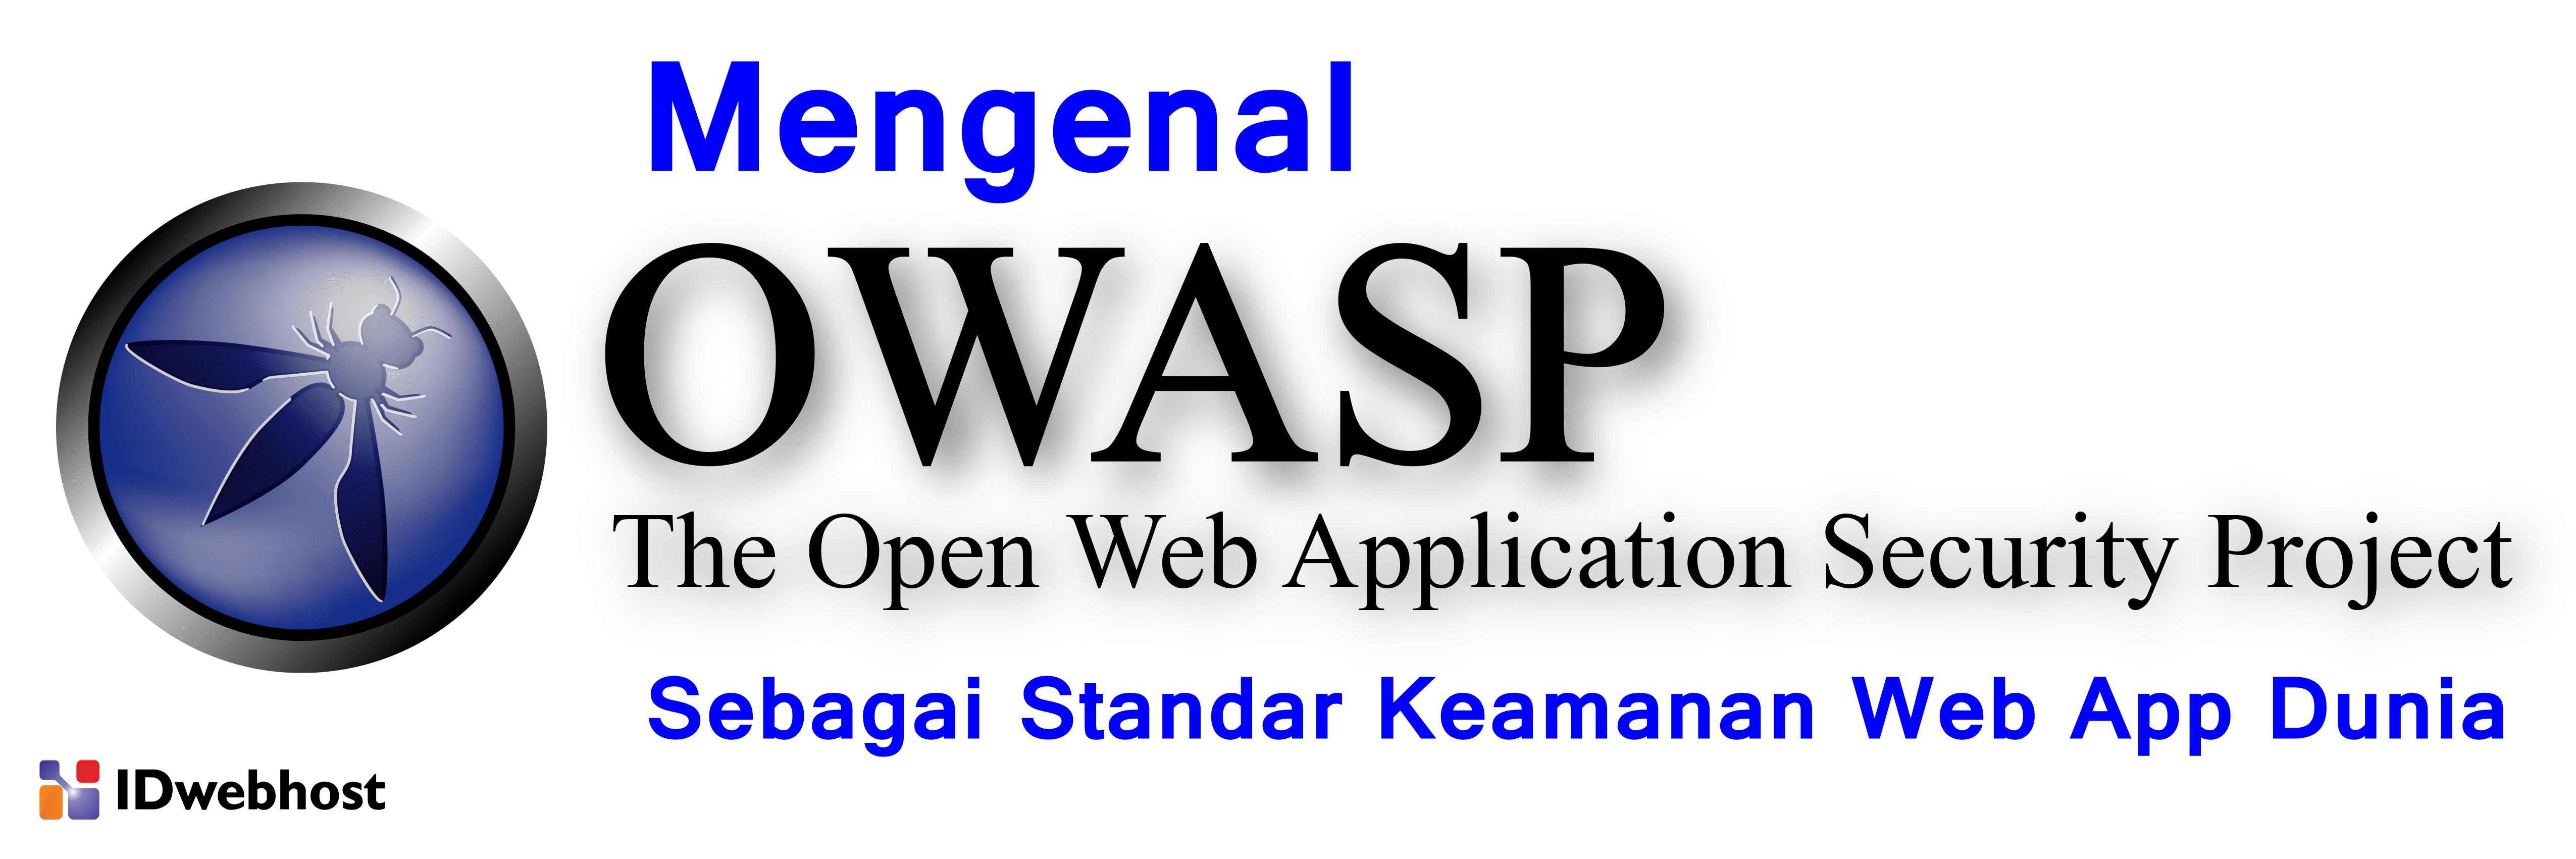 Mengenal OWASP Sebagai Standar Keamanan Web App Dunia